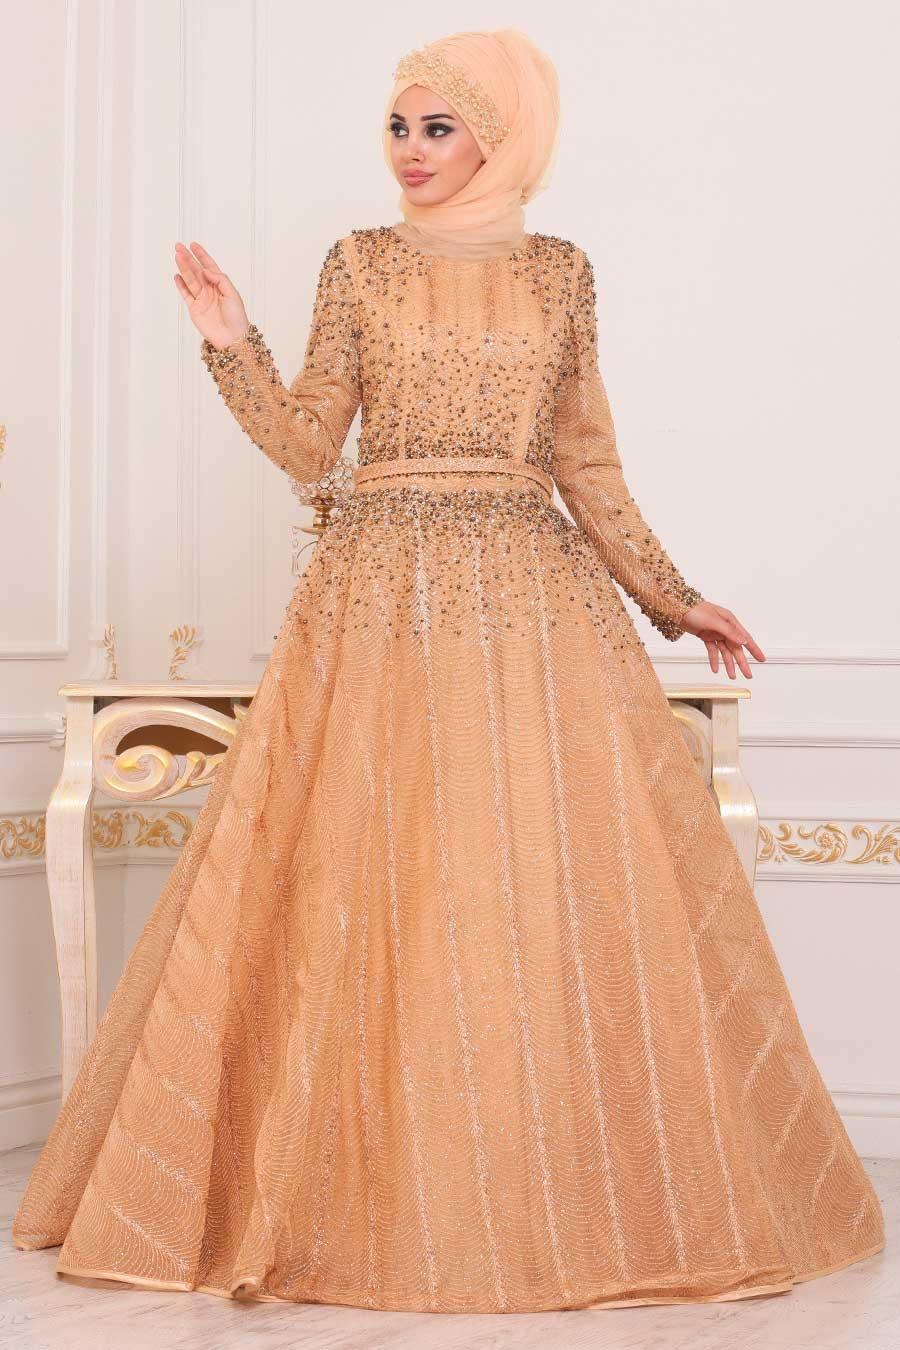 Tesettürlü Abiye Elbise - Boncuk Detaylı Gold Tesettür Abiye Elbise 4691GOLD